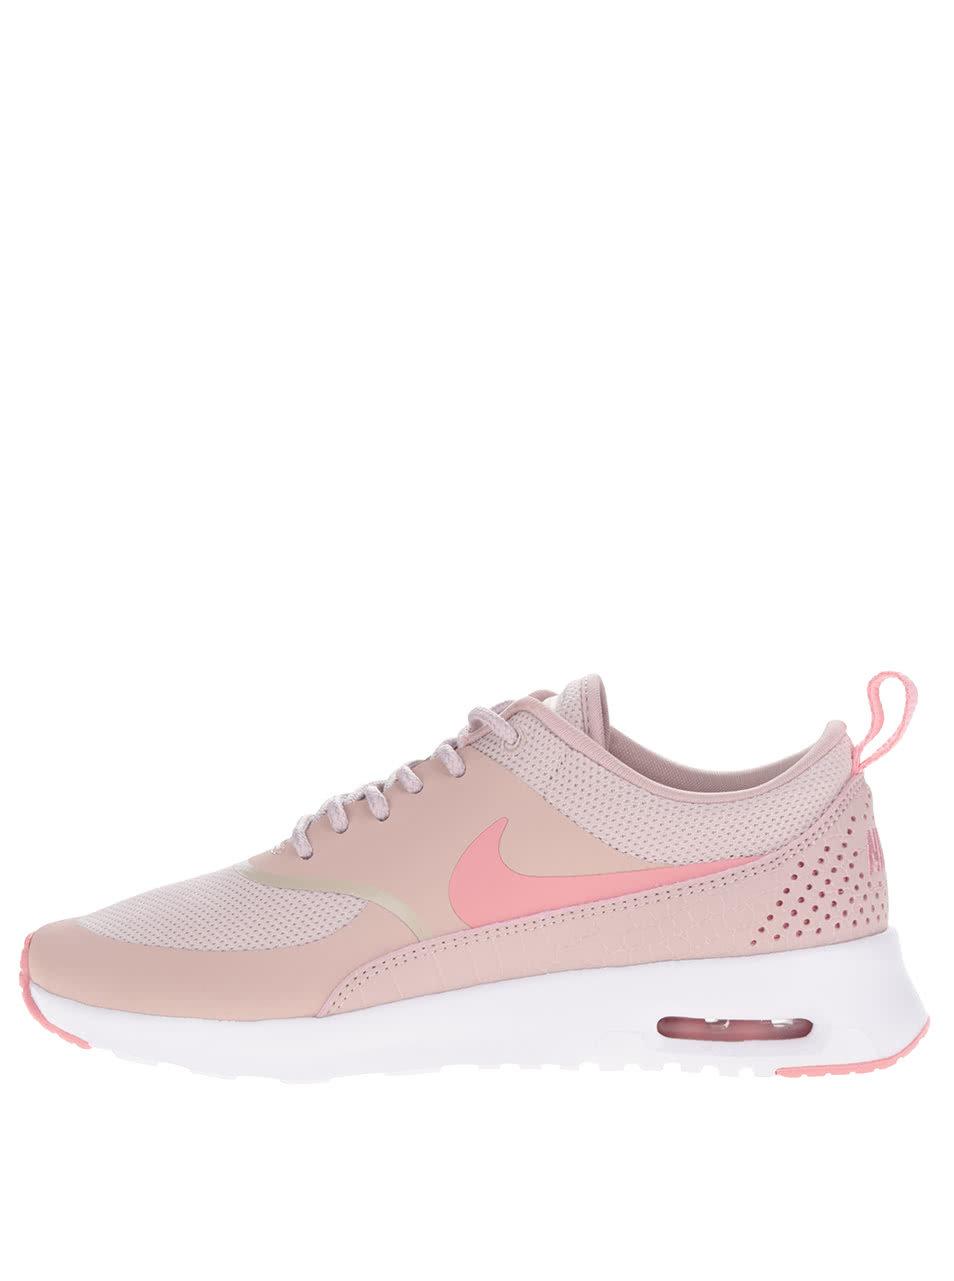 Světle růžové dámské tenisky Nike Air Max Thea ... 75d5f3e7864